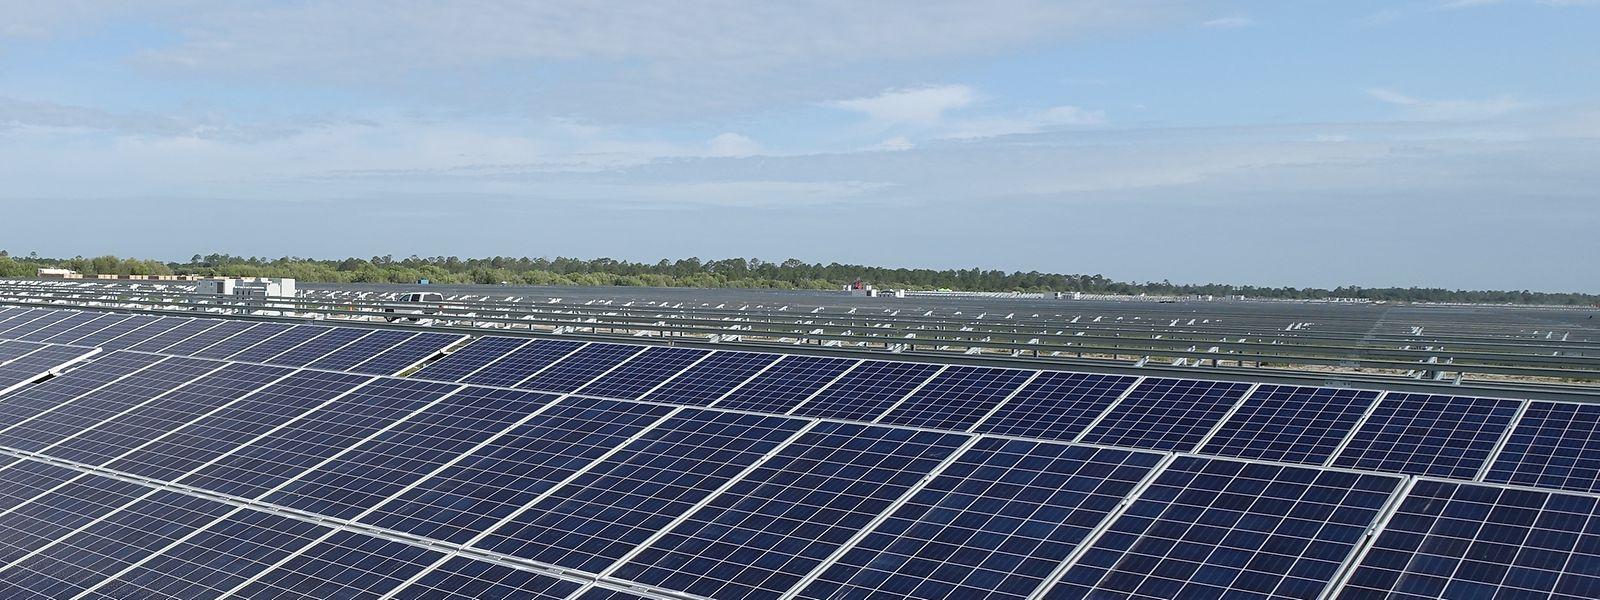 Israel könnte mit Solarenergie 90 Prozent des Strombedarfs decken, sagt der Solarexperte David Faiman von der Ben-Gurion-Universität.